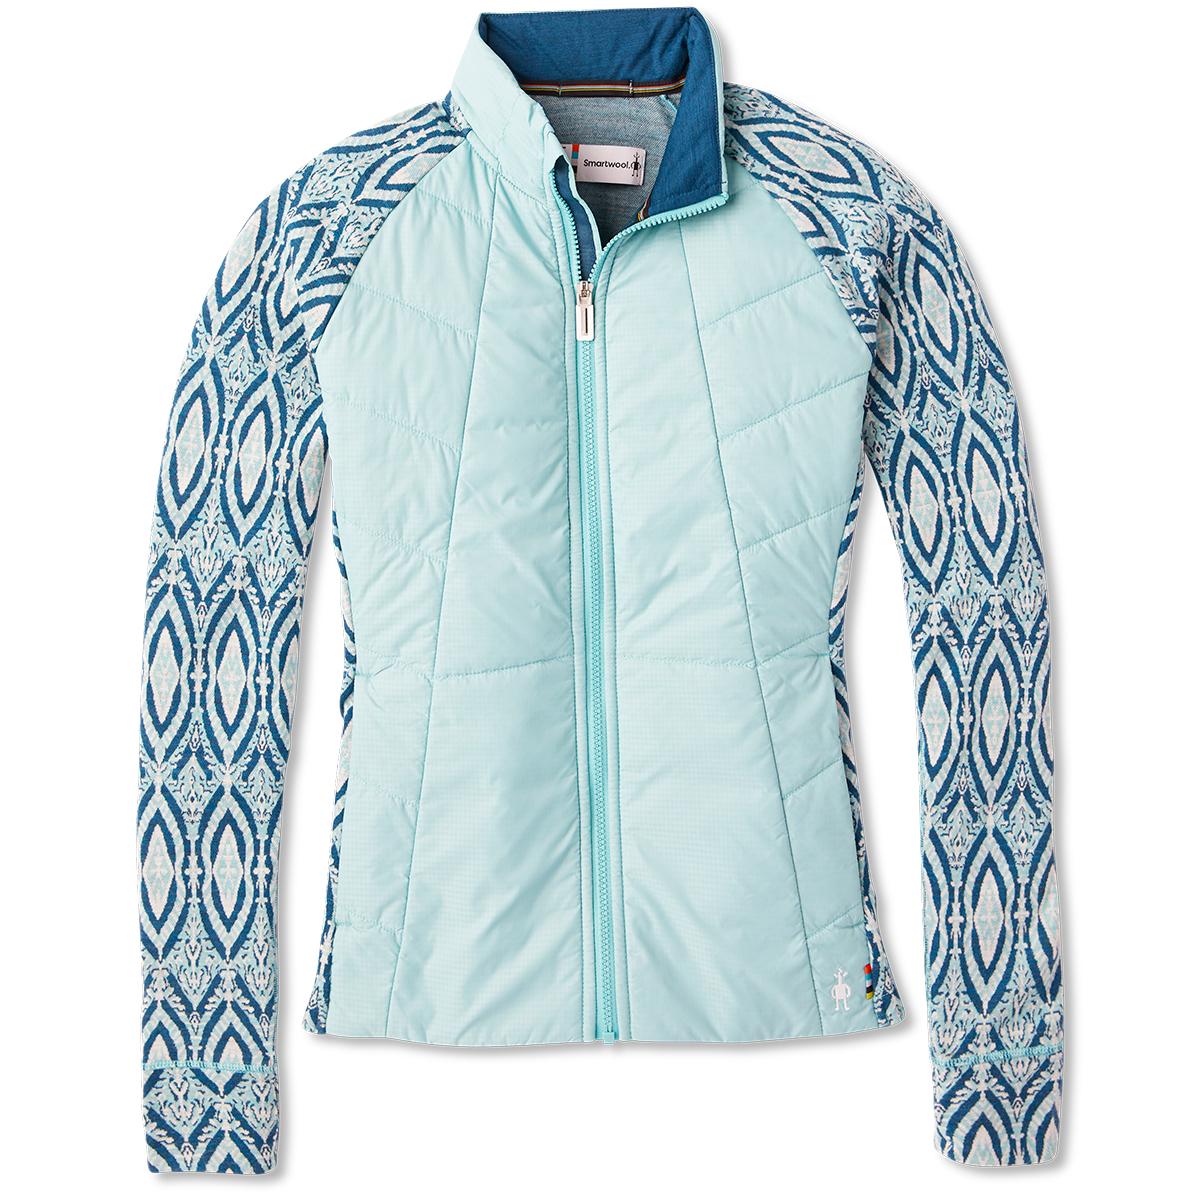 Smartwool Women's Smartloft 60 Jacket - Blue, S